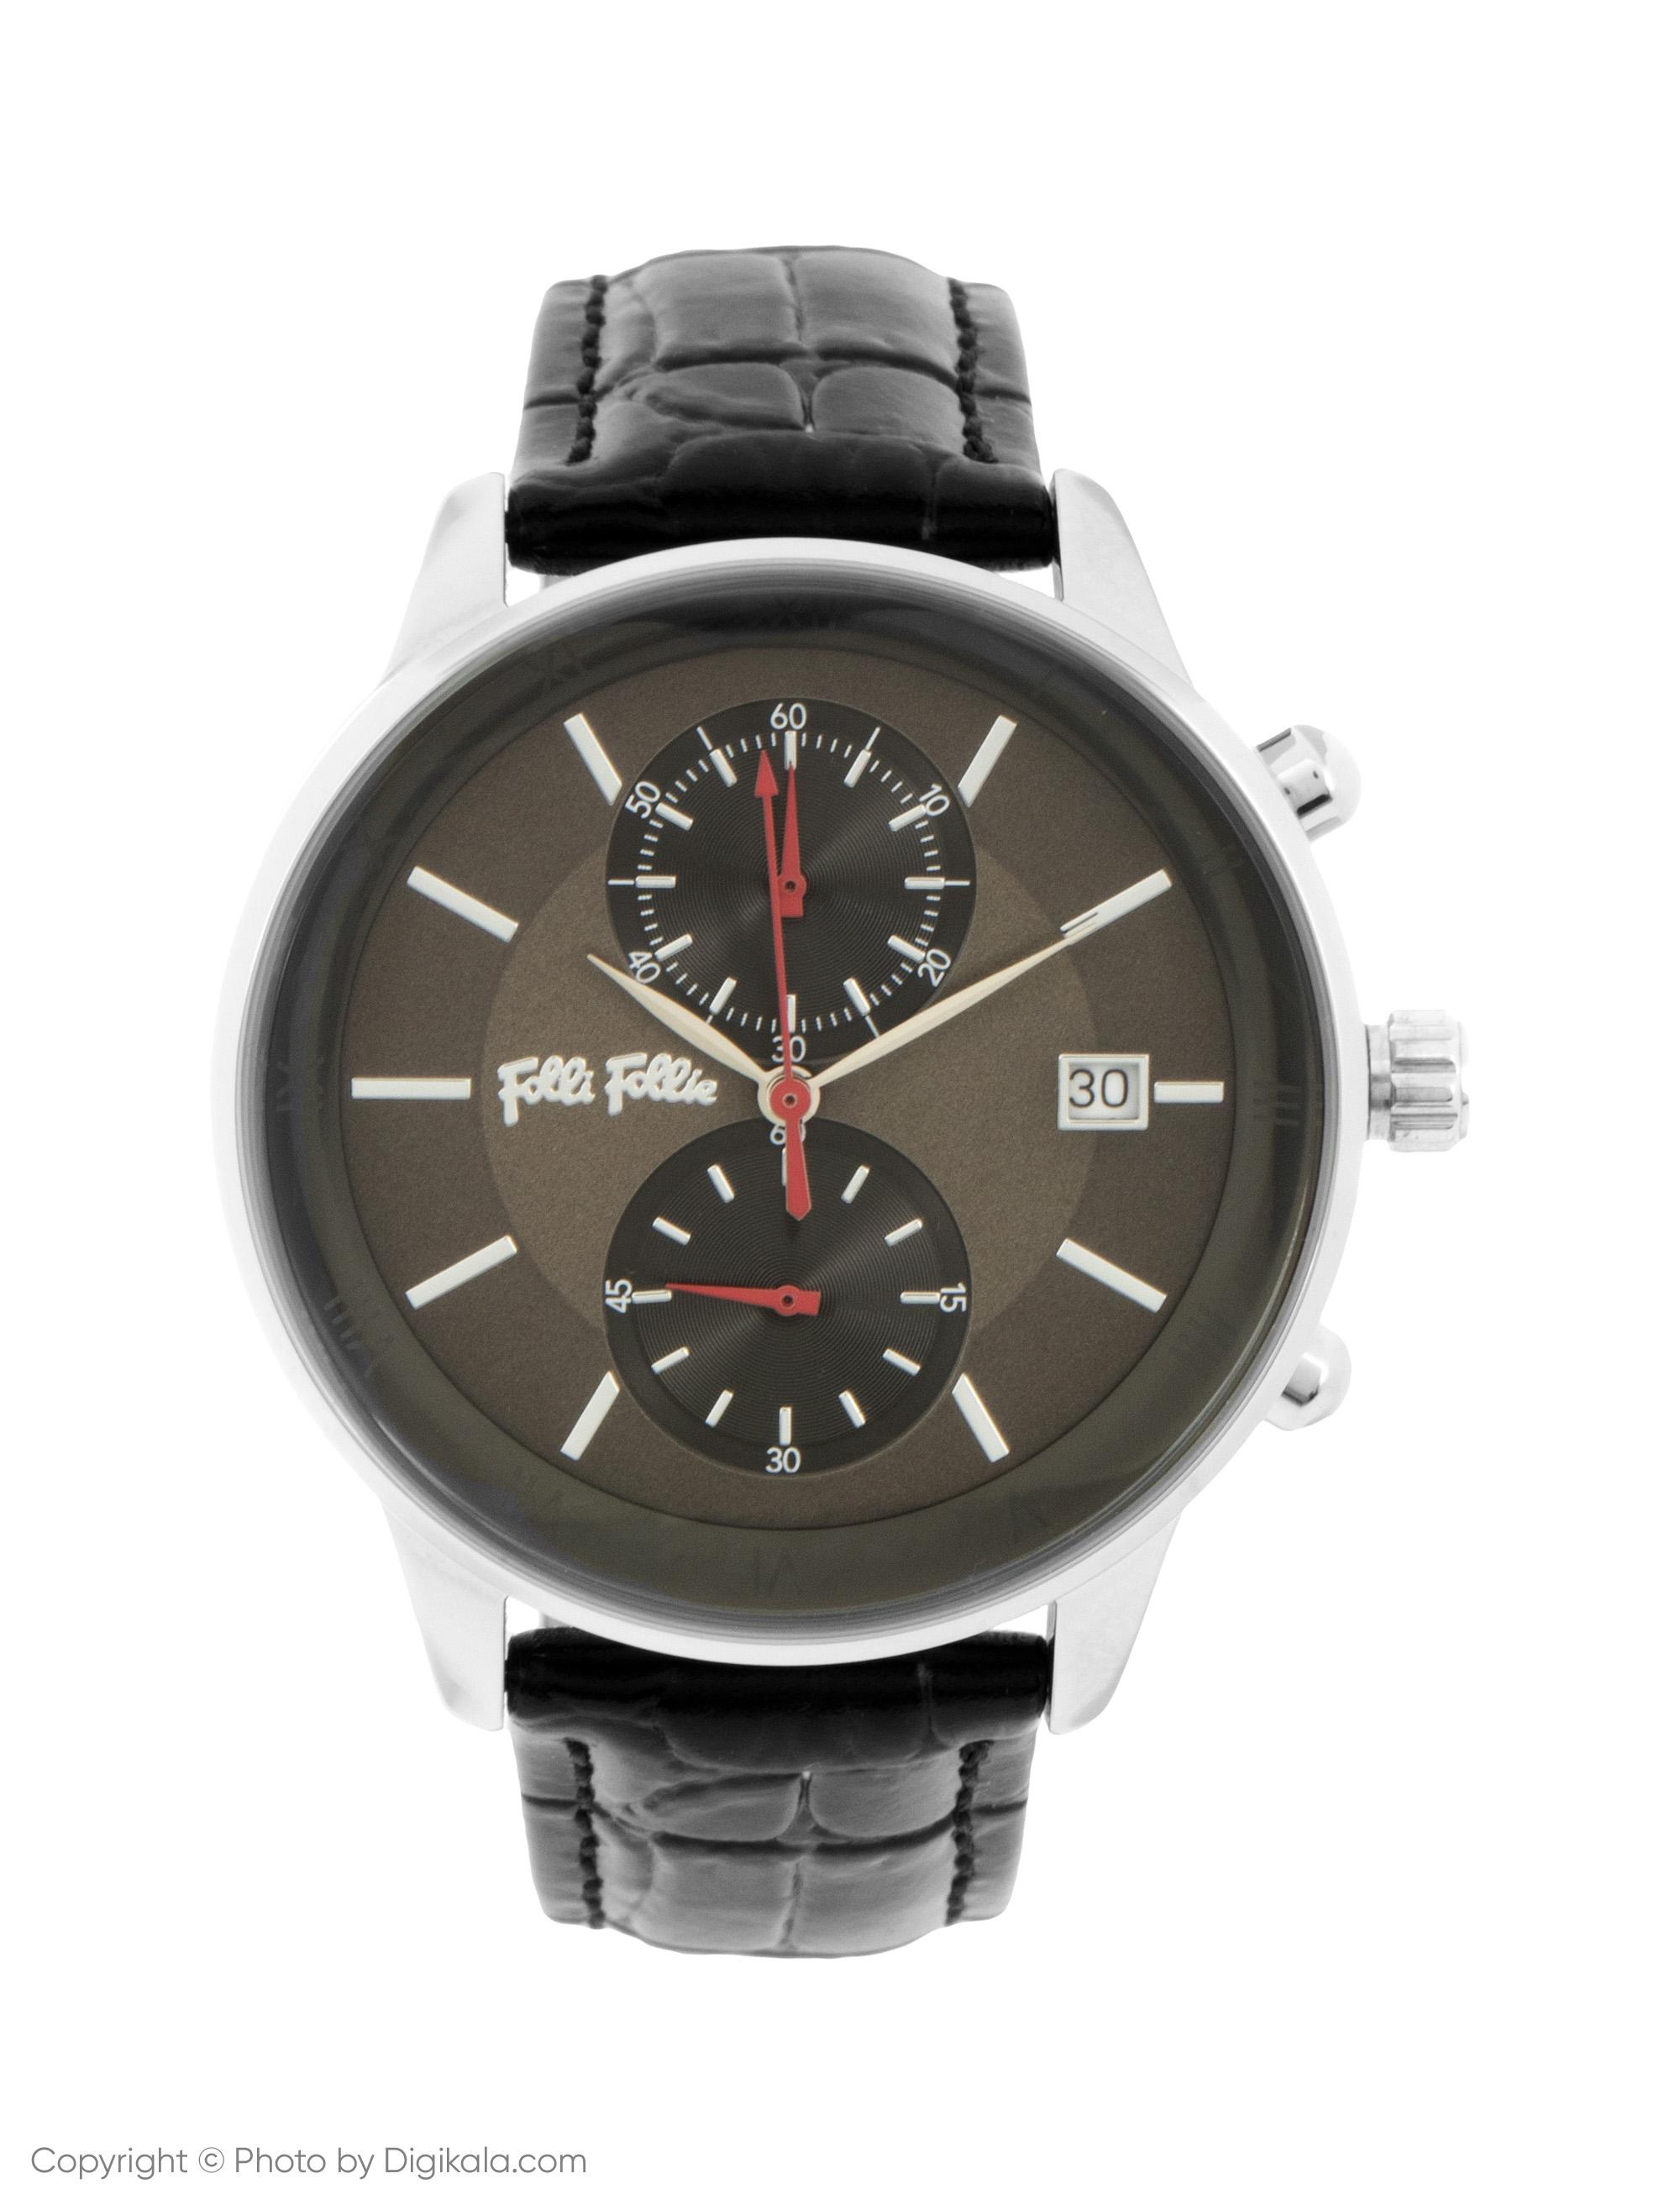 ساعت مچی عقربه ای زنانه فولی فولیه مدل WF18T005SEA-BK (بدون جعبه اورجینال)